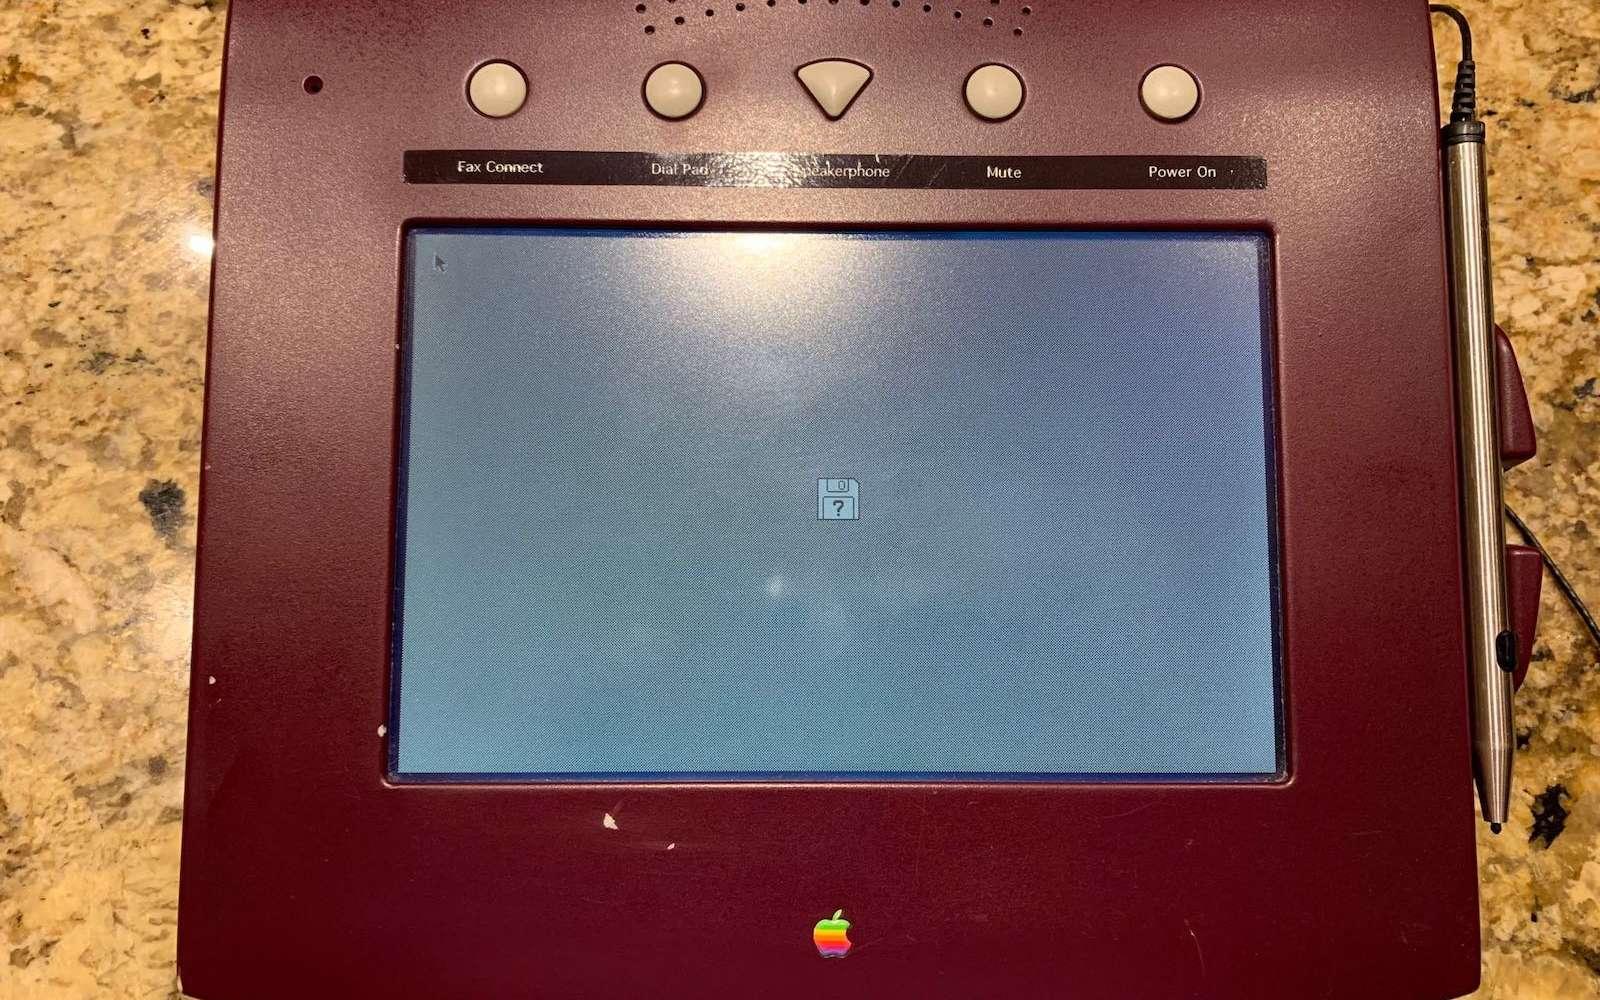 Écran tactile, stylet, téléphonie, carnet d'adresses... Tout existait déjà chez Apple en 1993. © Sonny Dickson